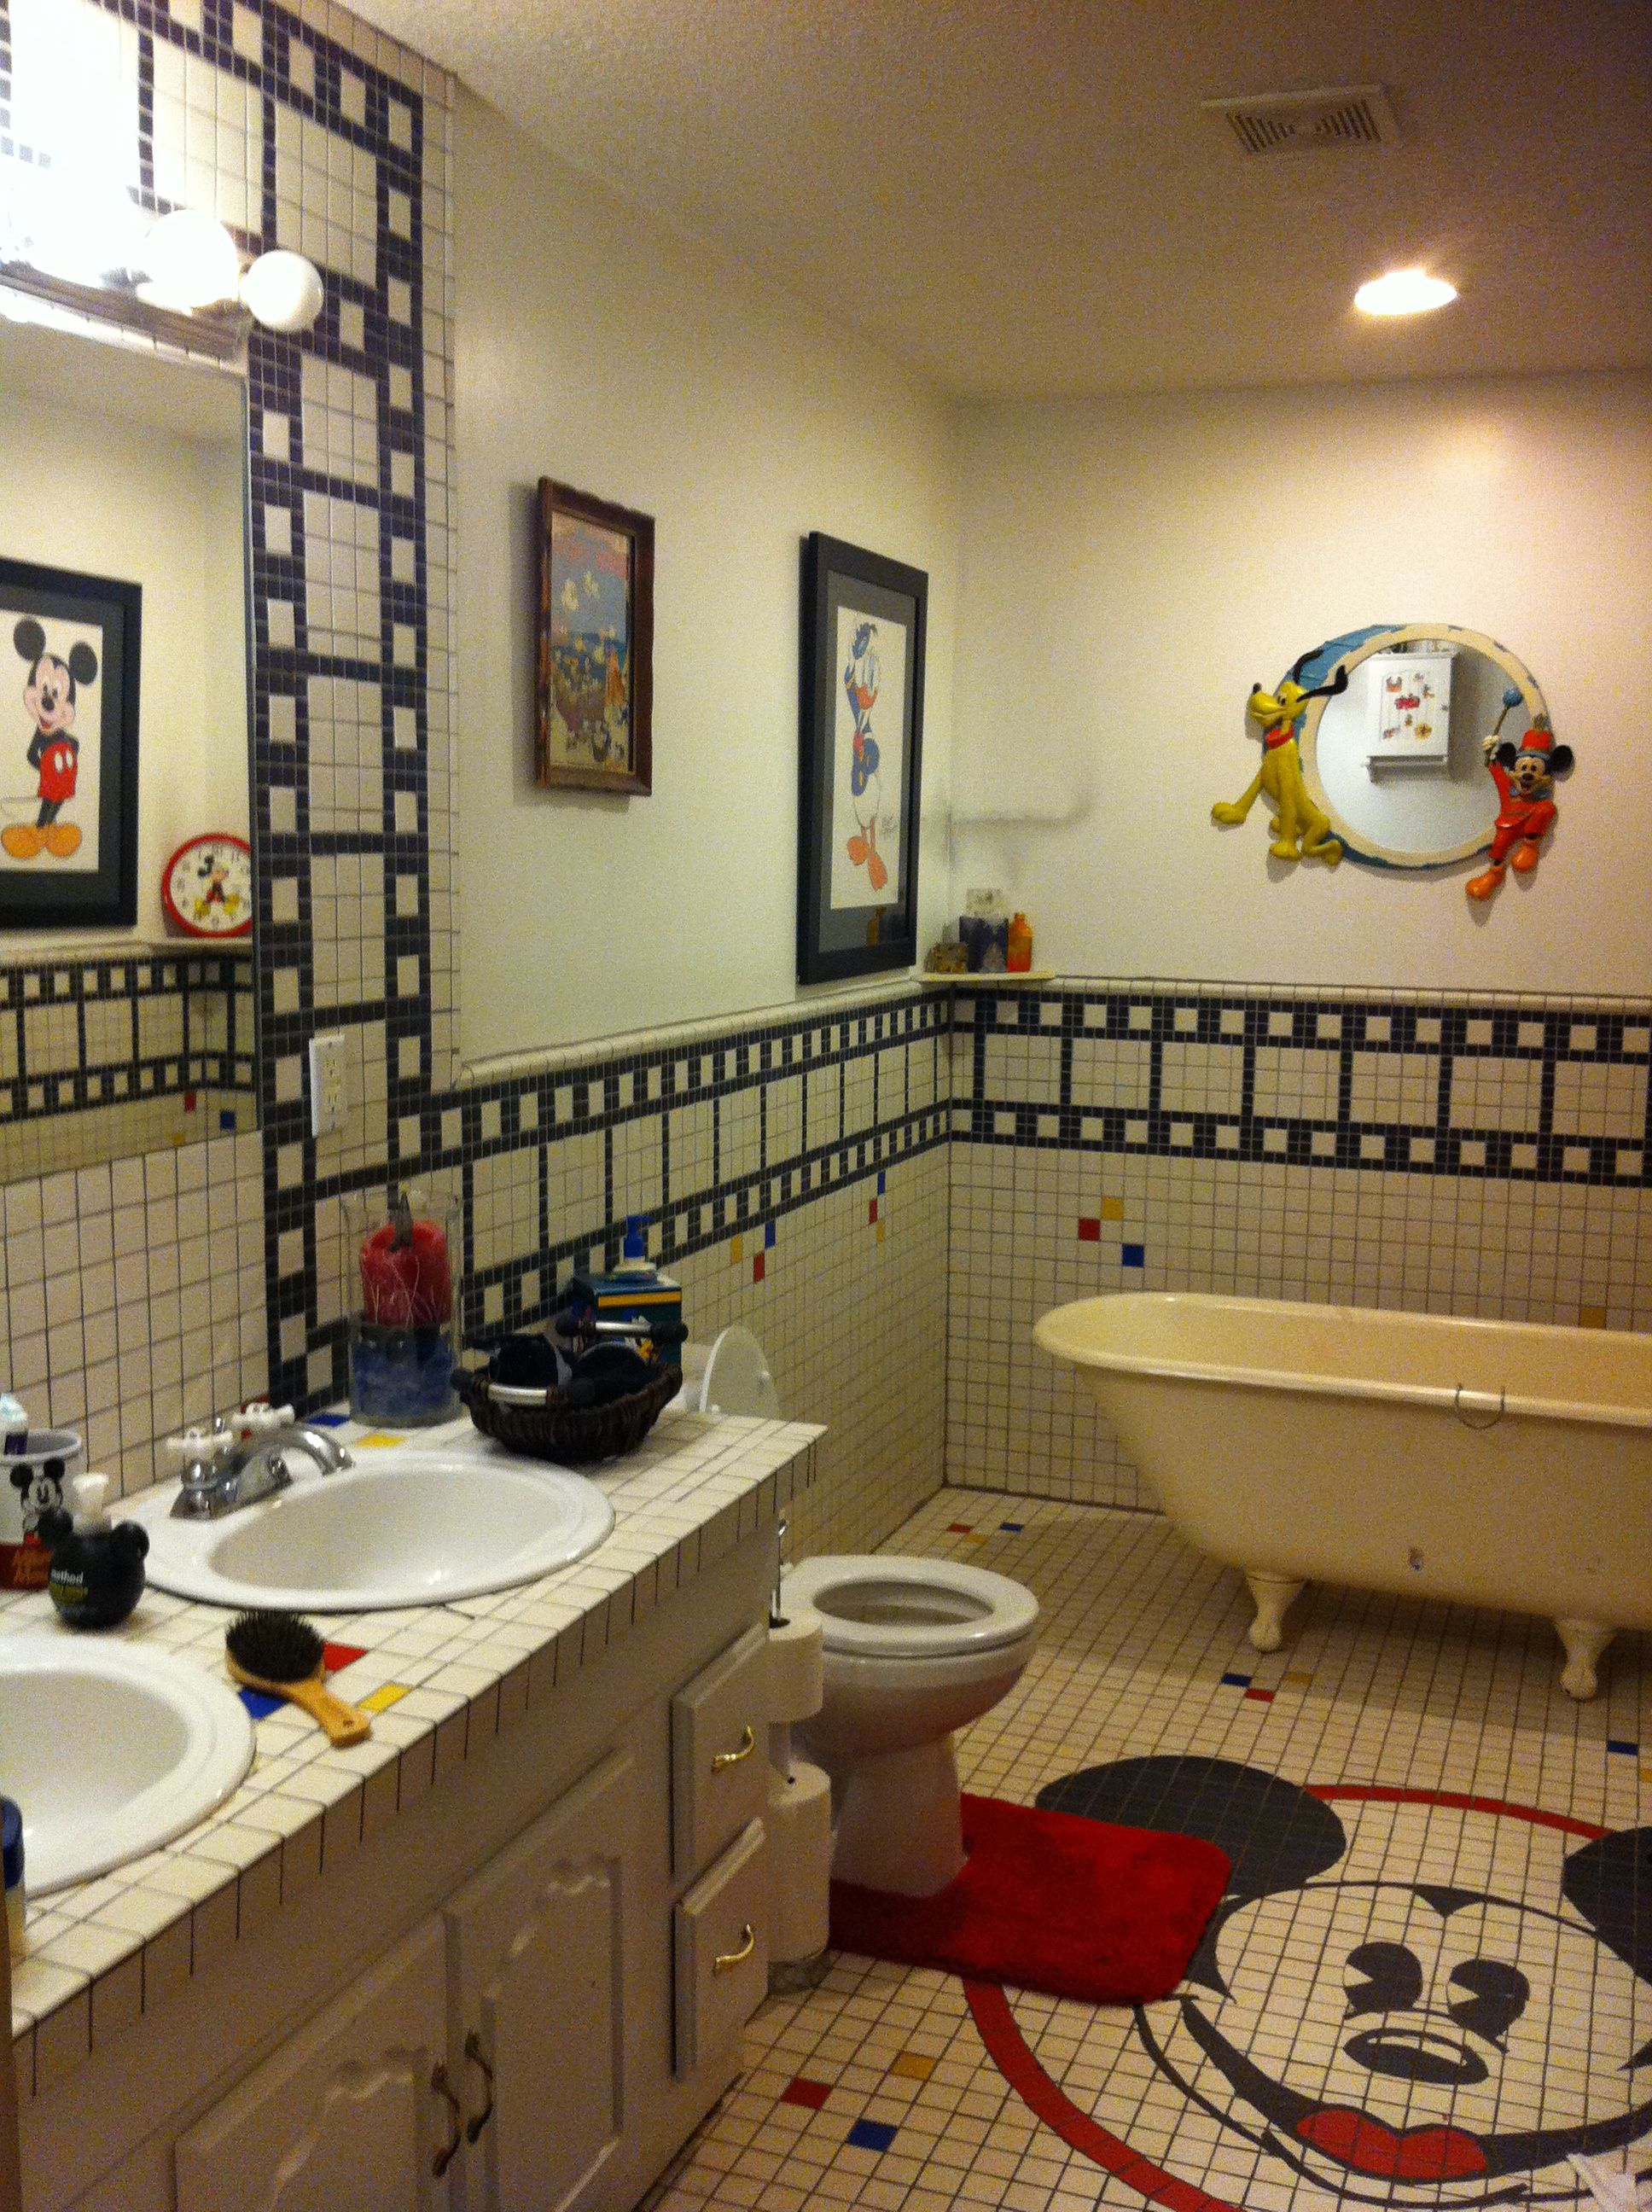 Mickey Mouse Bathroom Mickey Mouse Bathroom Disney Home Decor Disney Bathroom